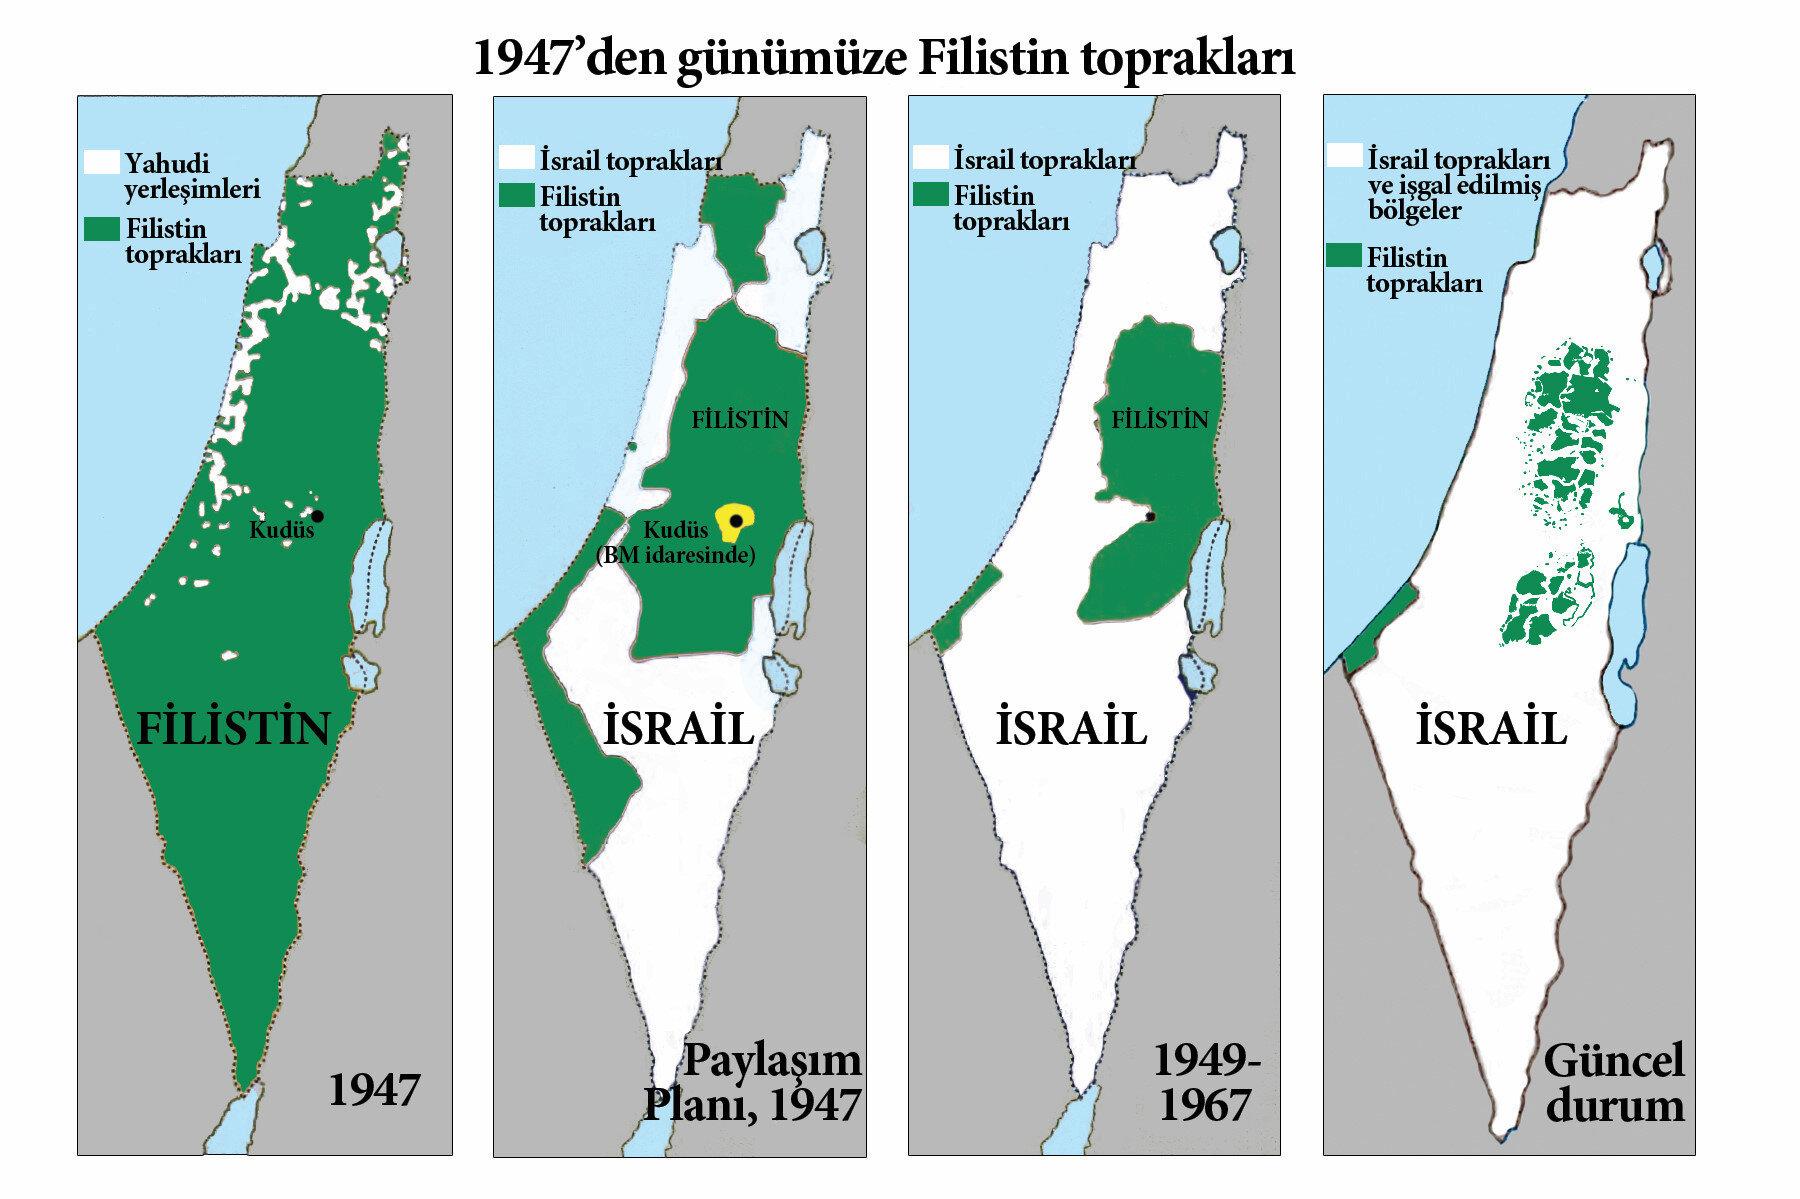 1947'den günümüze Filistin toprakları